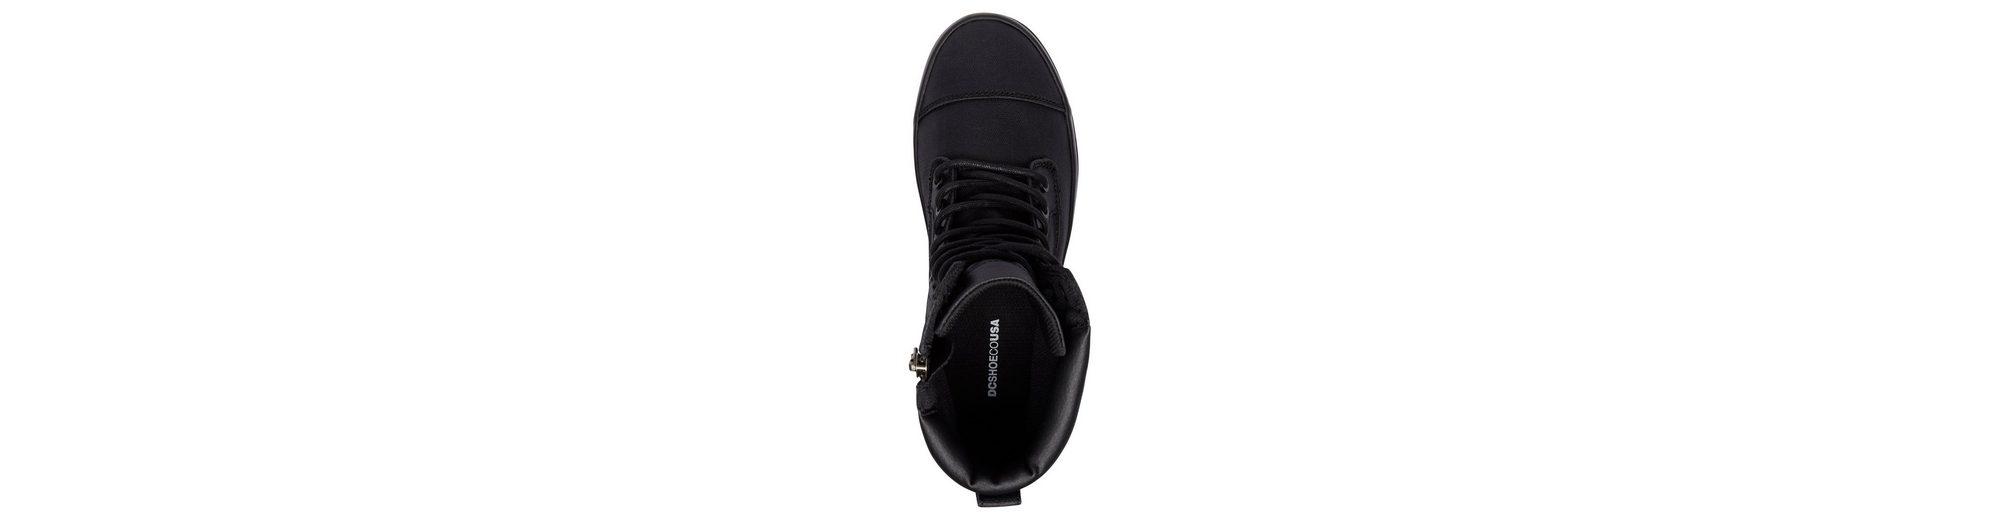 DC Shoes Schnürstiefel Amnesti TX Verkauf Hochwertige Freies Verschiffen Kaufen Verkaufsstelle a0kwDB